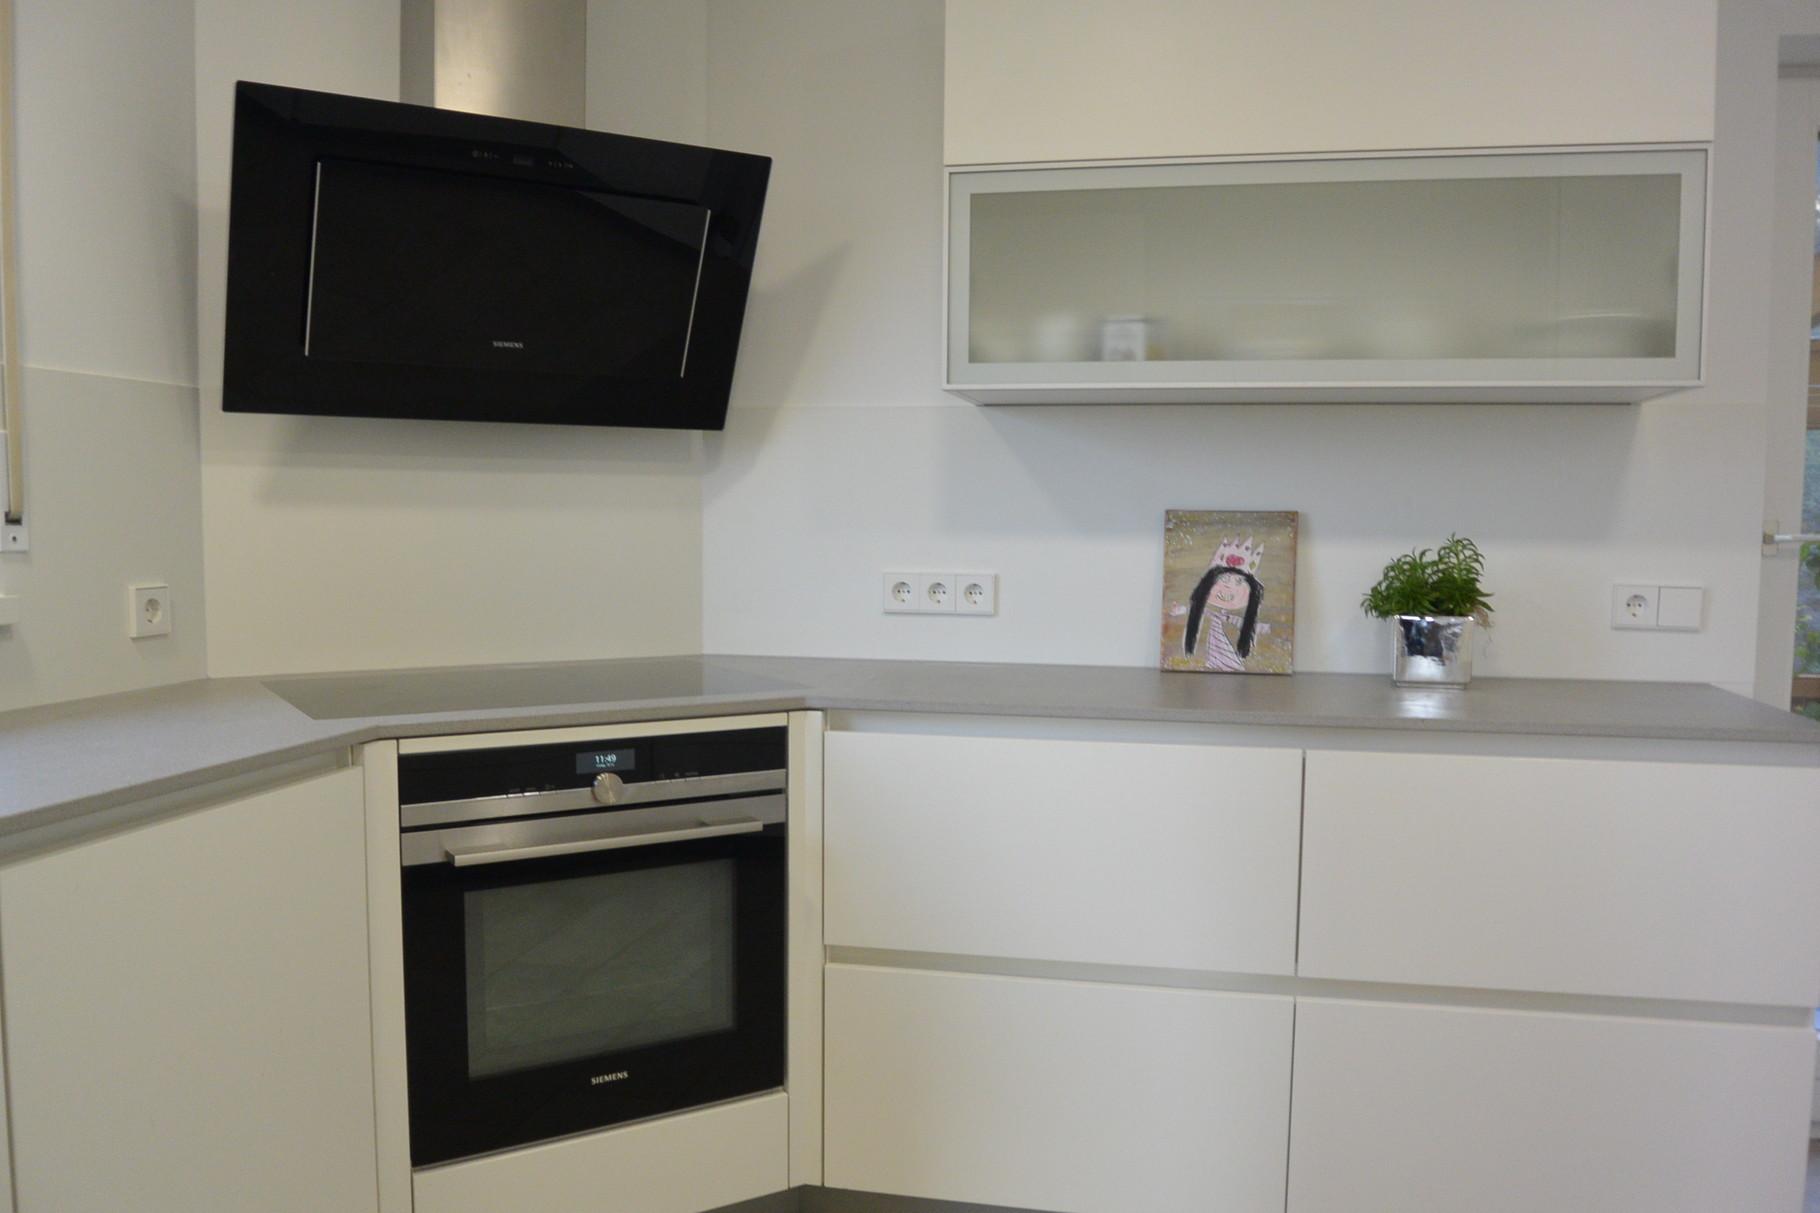 k chen vom schreiner holzdesign rapp geisingen. Black Bedroom Furniture Sets. Home Design Ideas